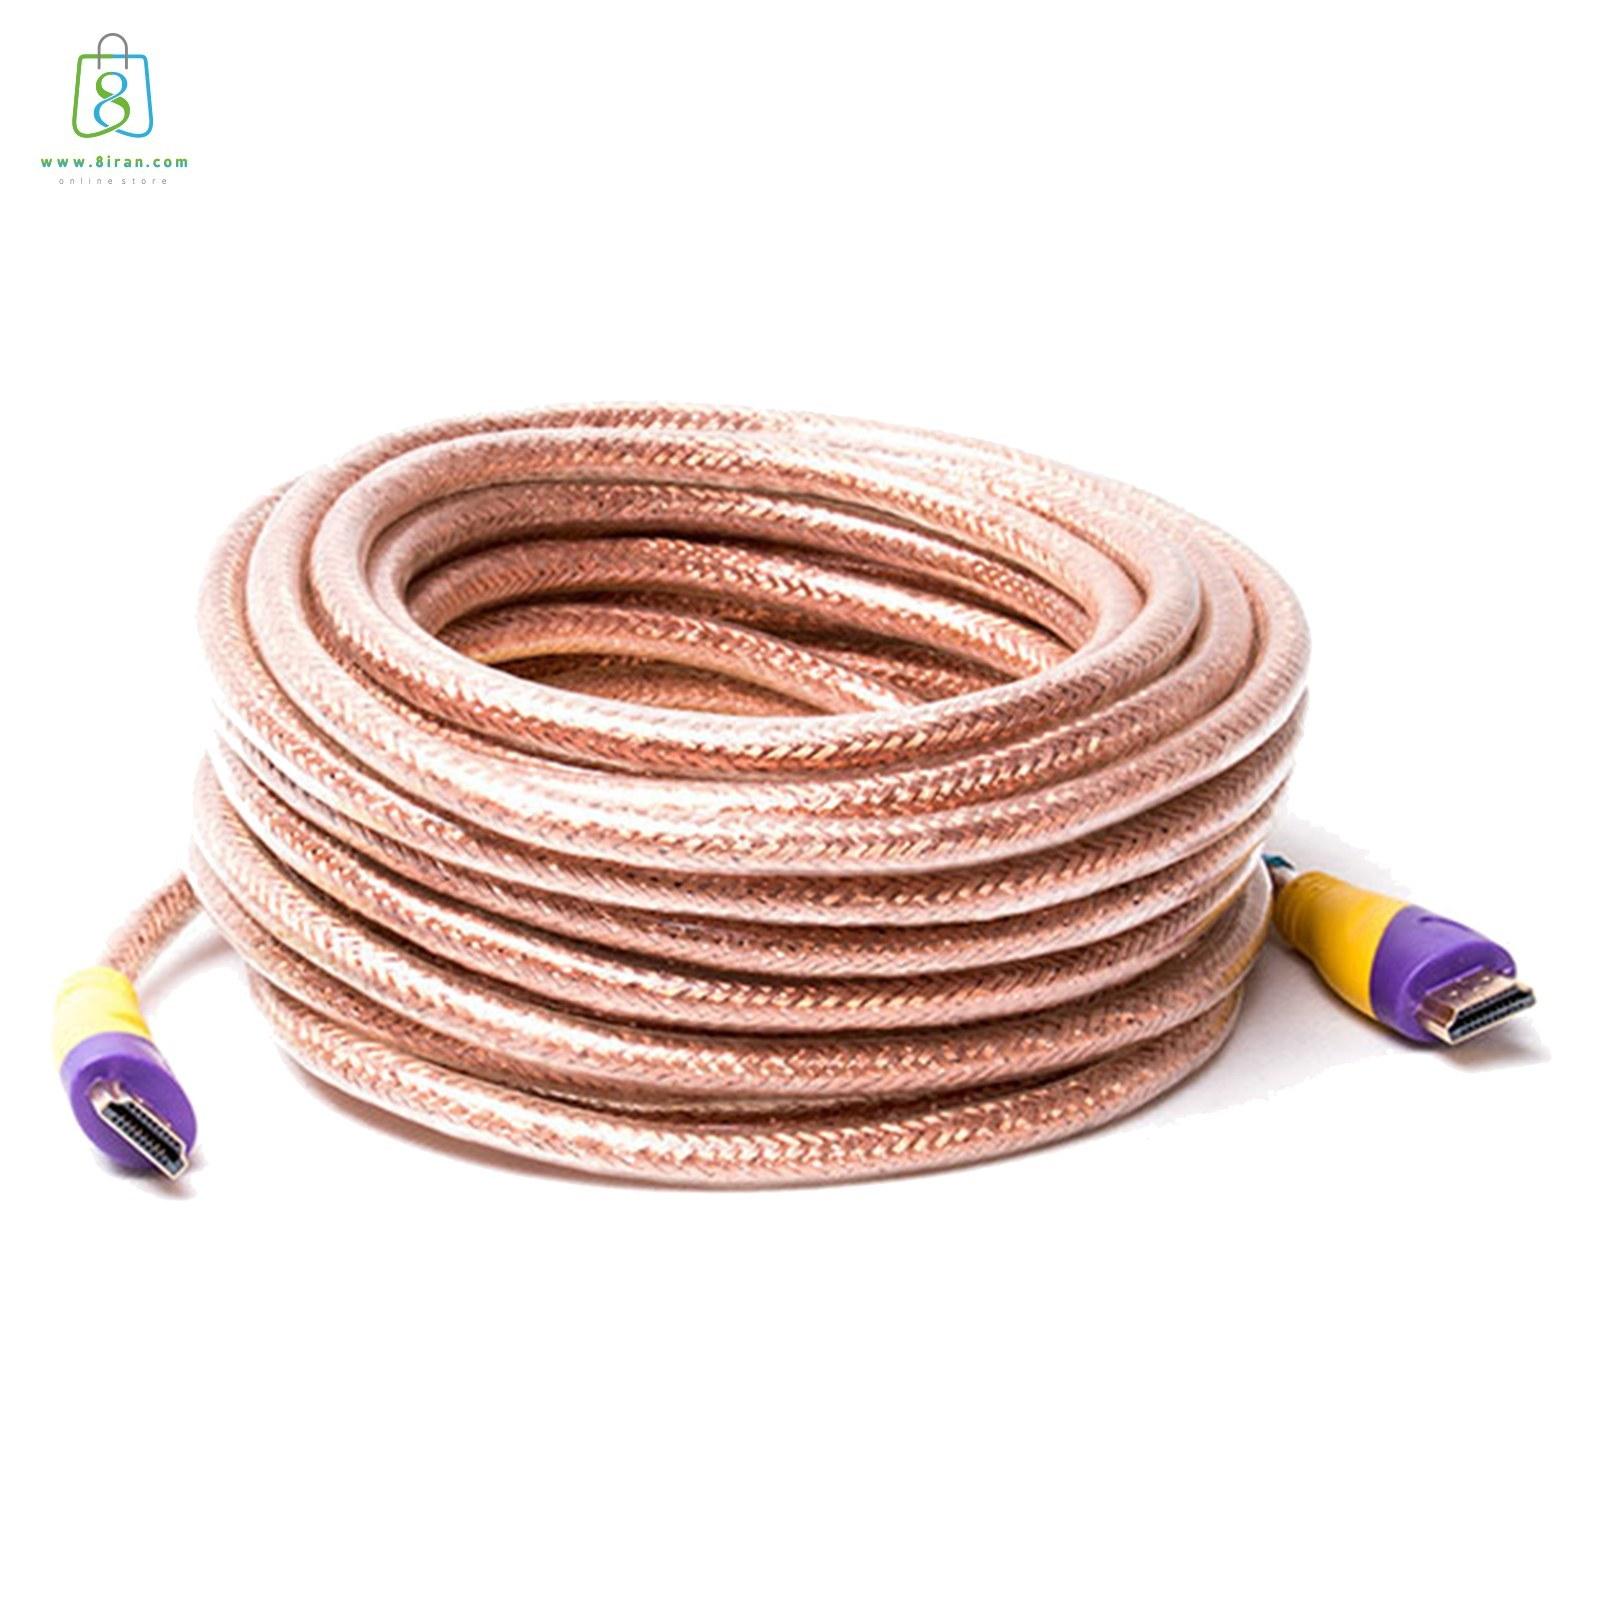 تصویر کابل HDMI اسکار  طول 30 متر HDMI cable 30 meters long